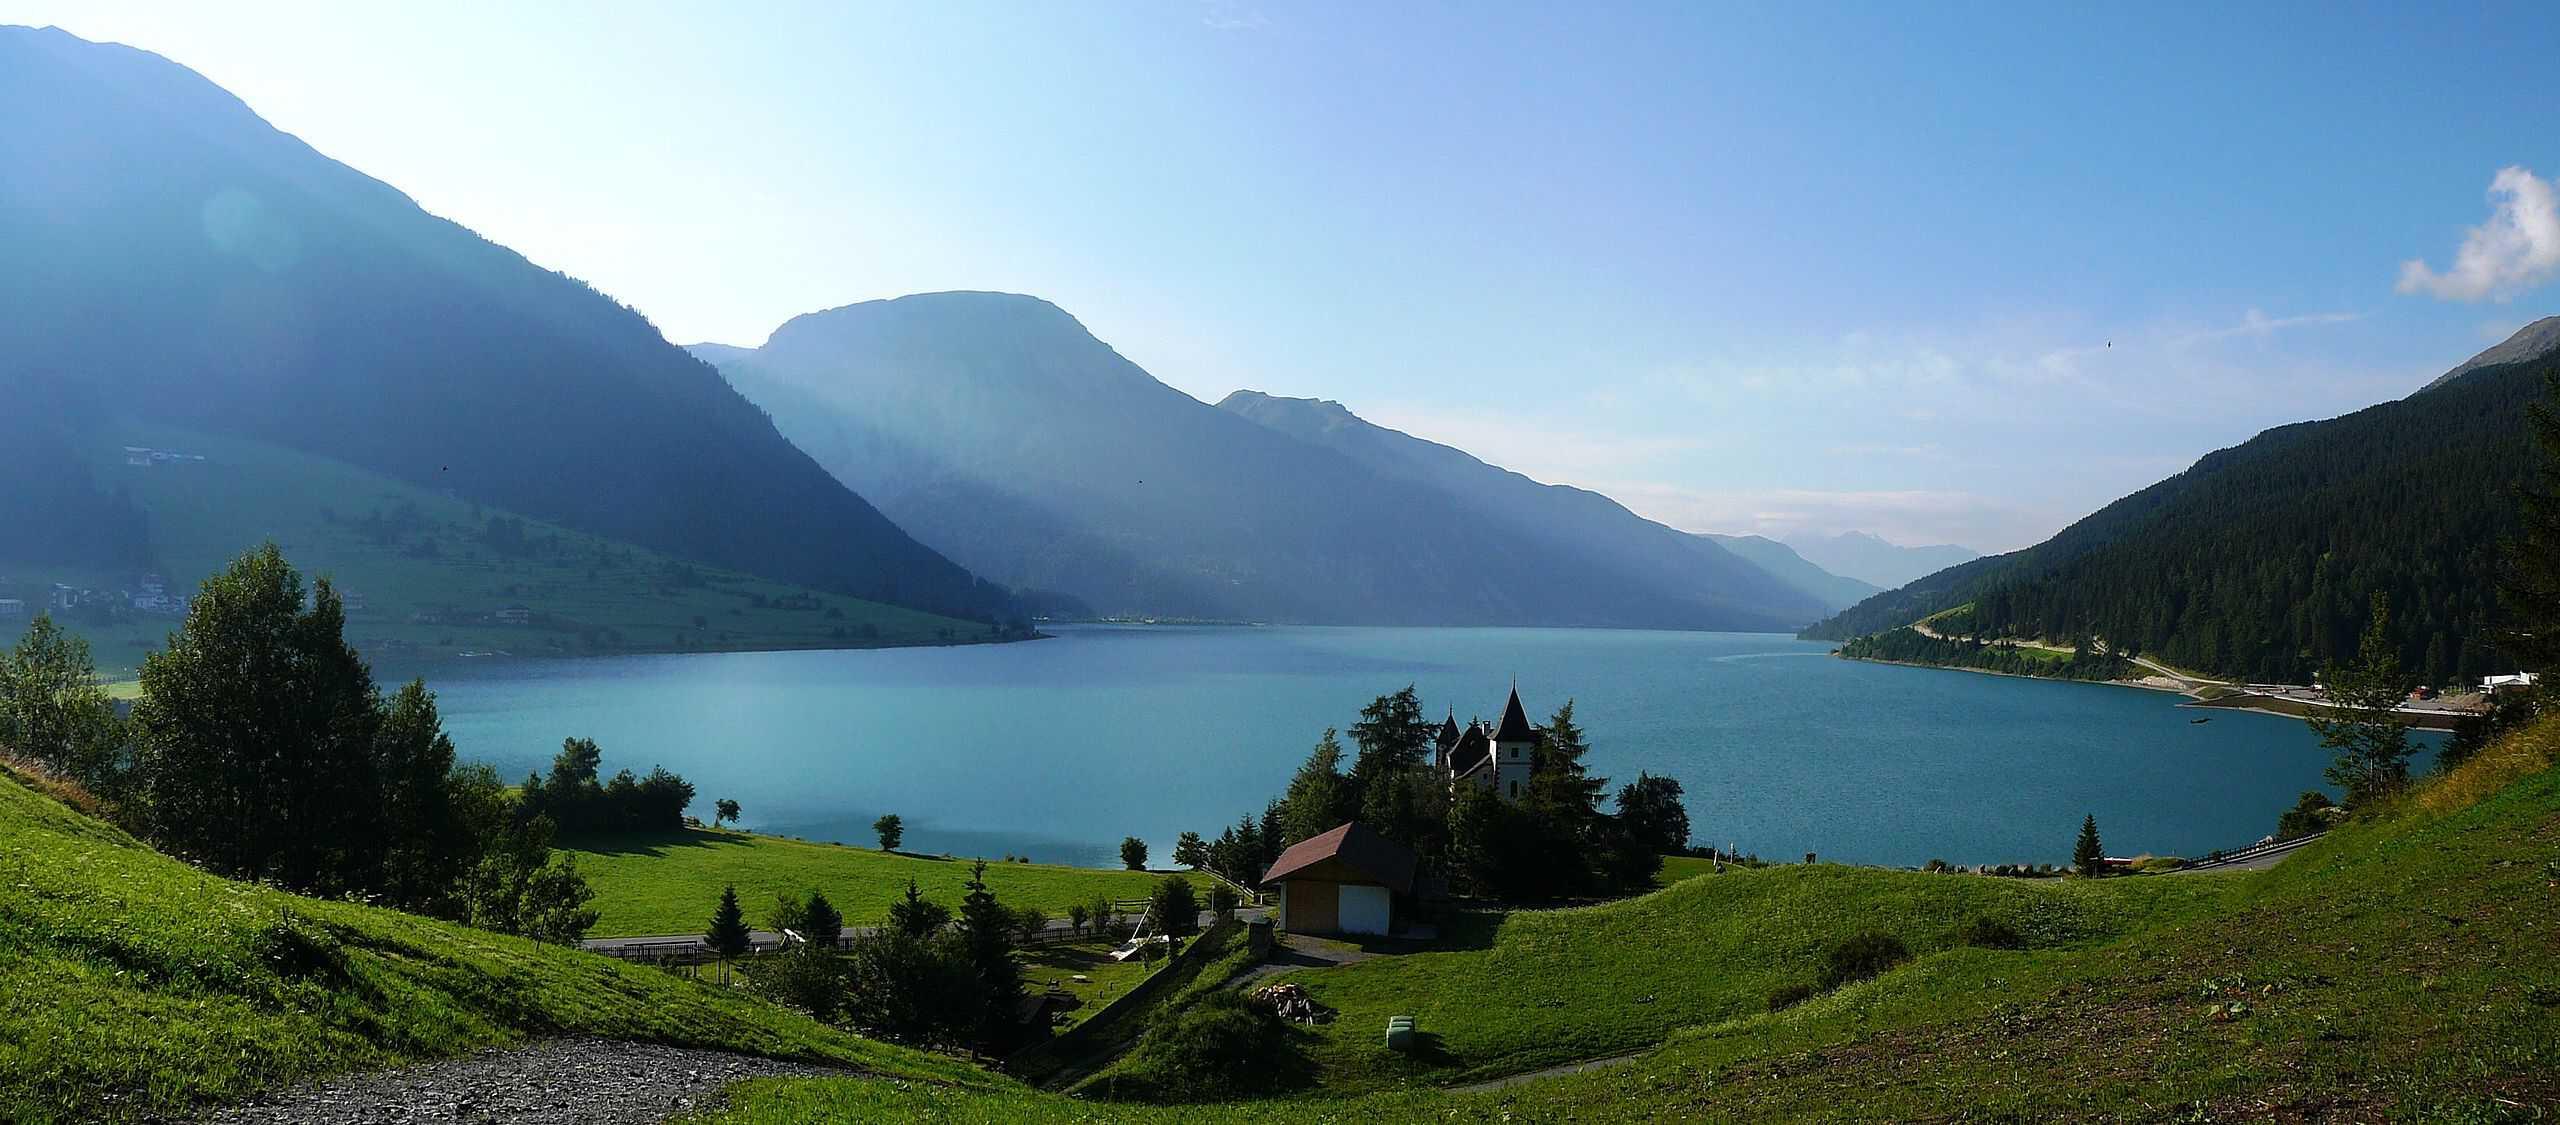 Vacanze in montagna: in camper e bici tra Dobbiaco e Lienz